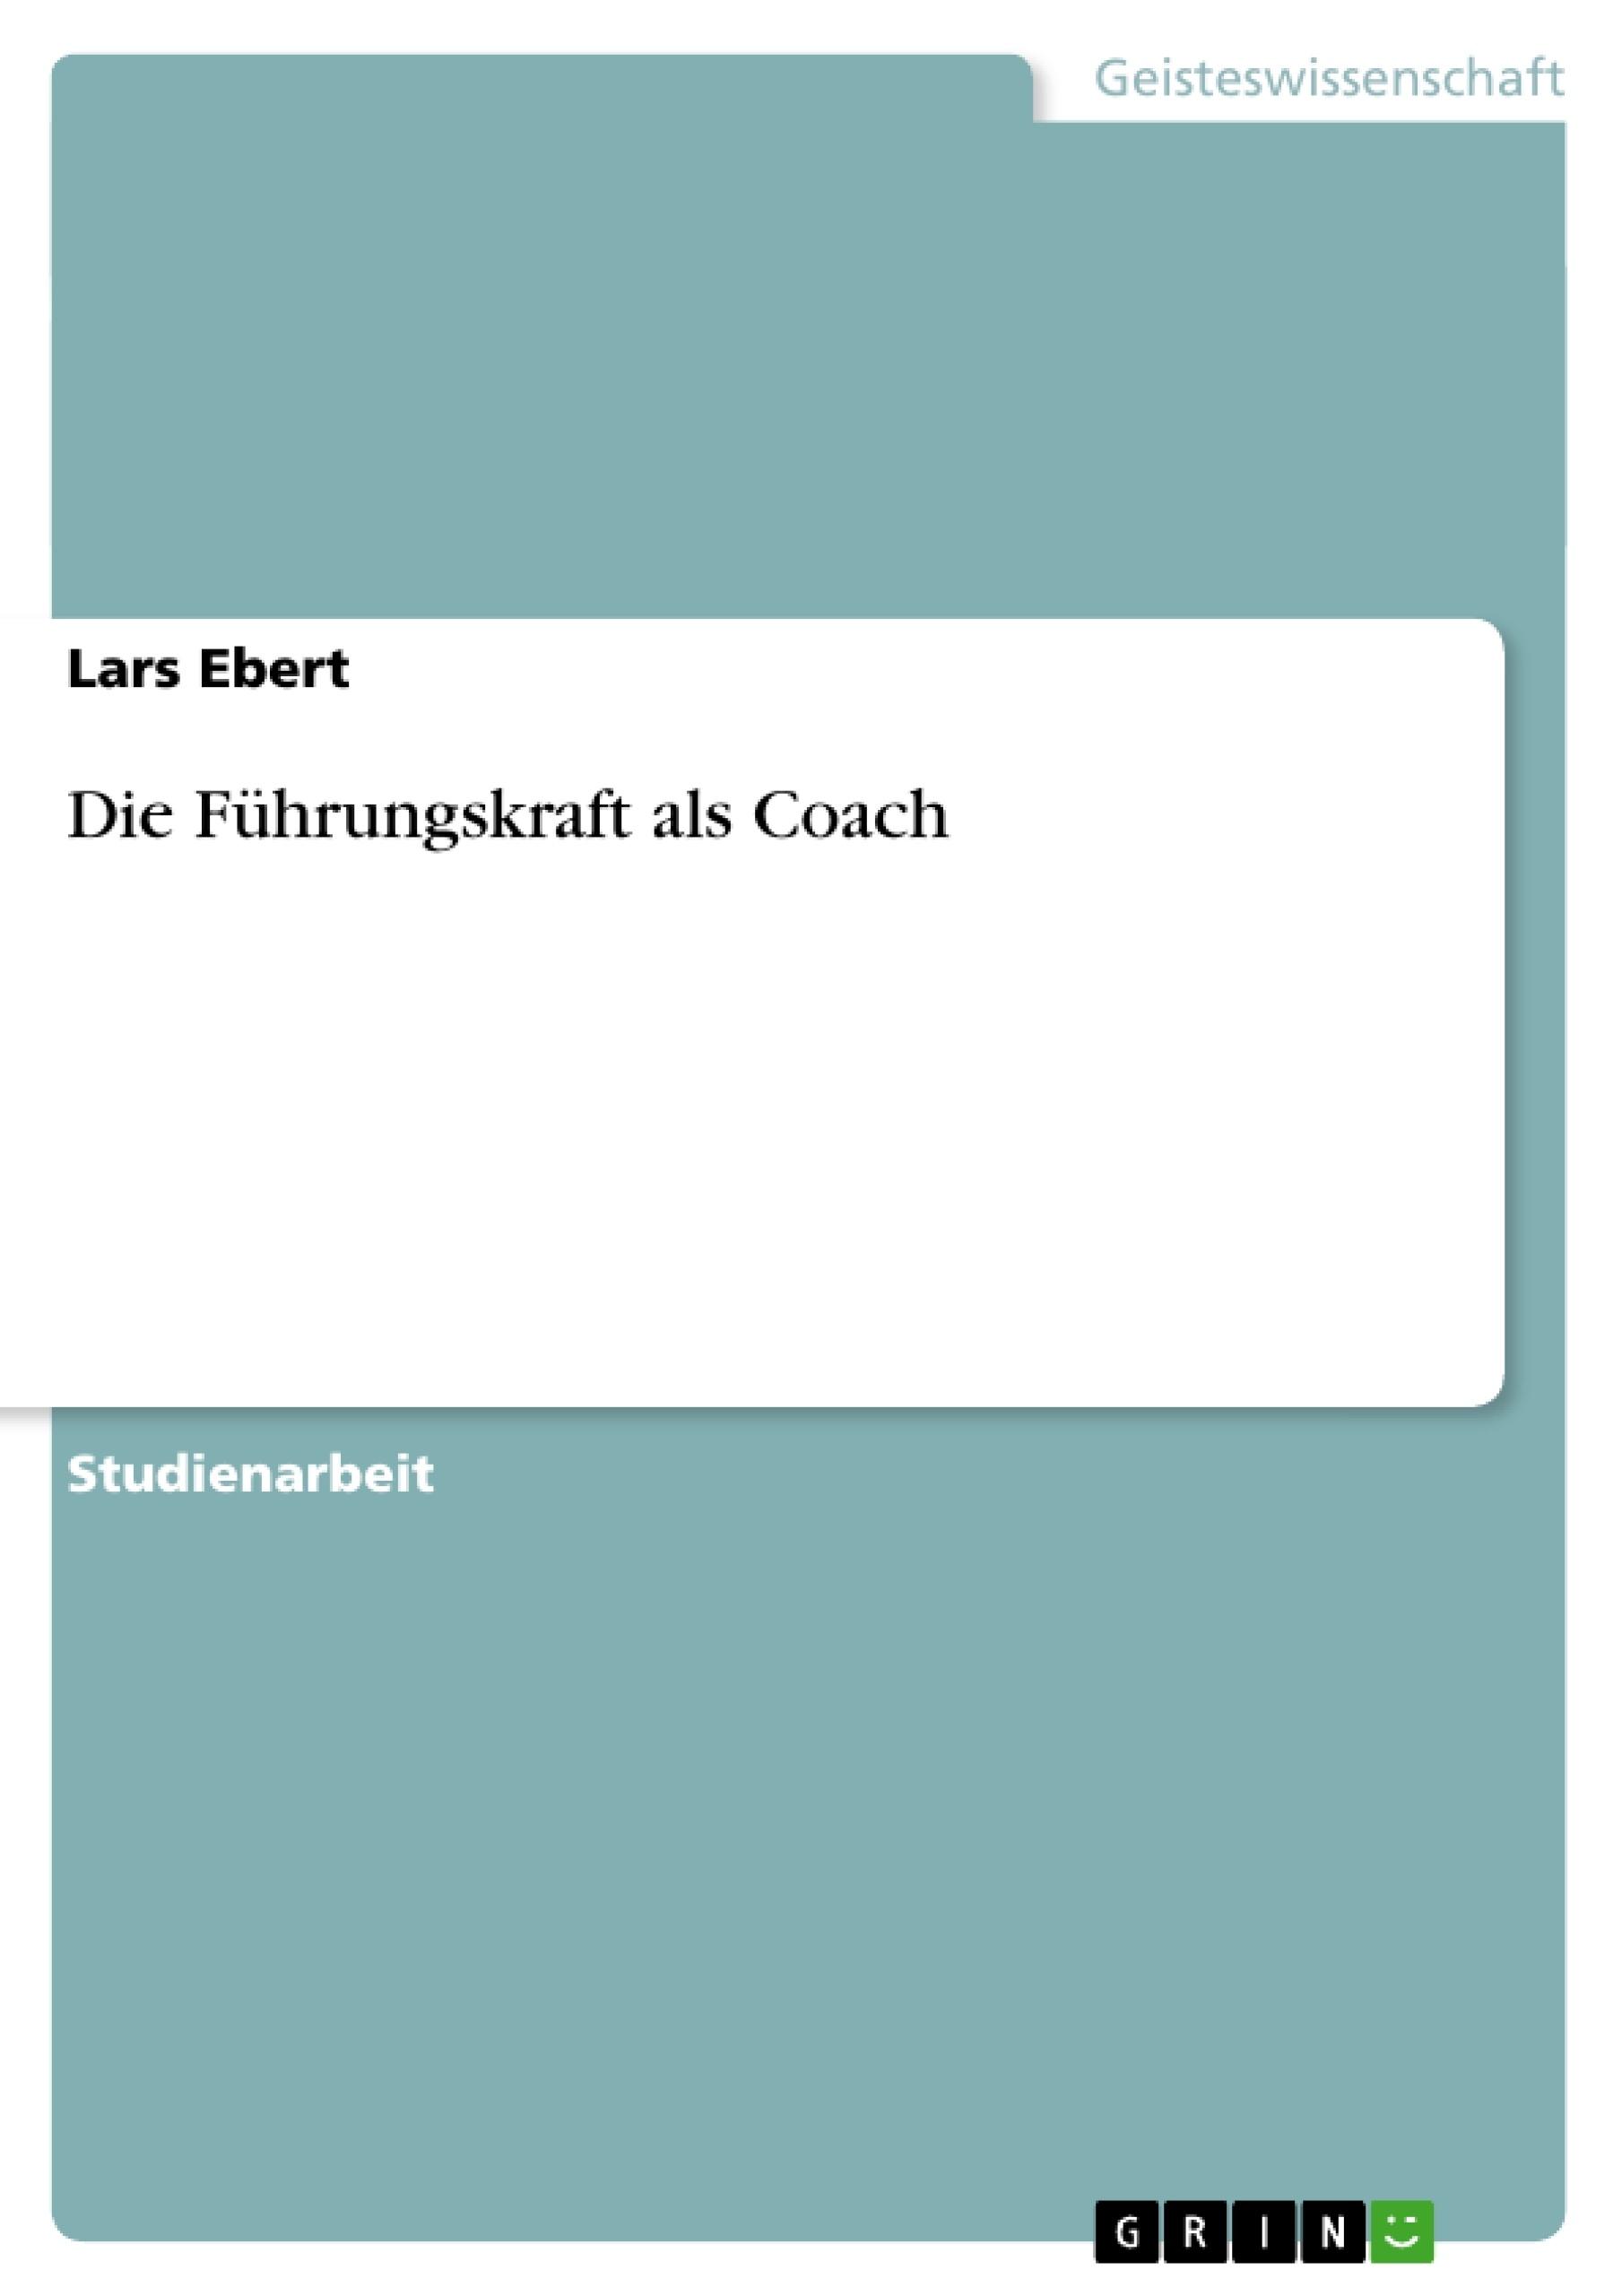 Titel: Die Führungskraft als Coach